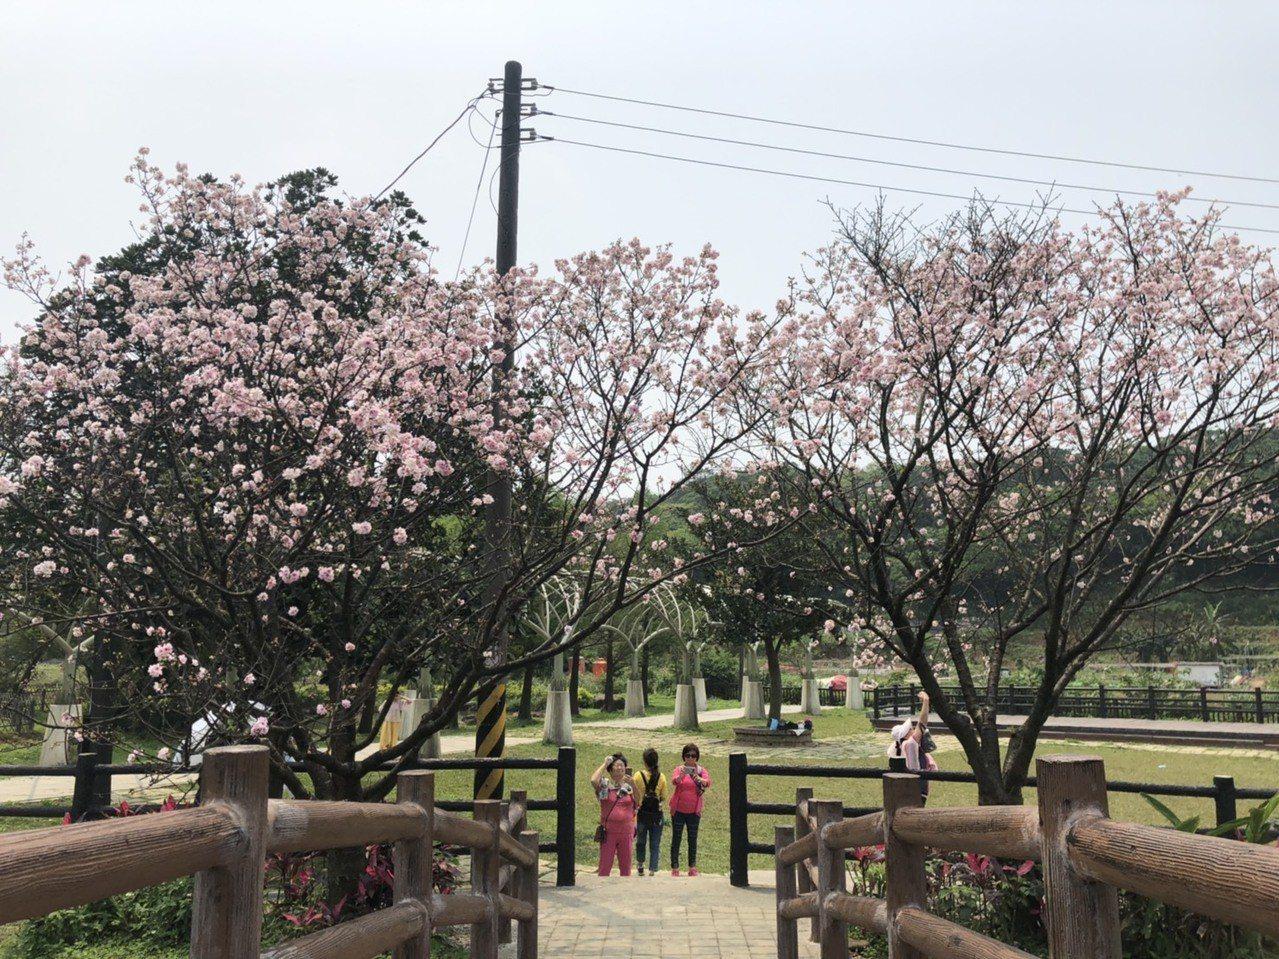 賞櫻民眾可前往三芝的三生步道,全長4公里的步道兩側栽植約400株櫻花樹。圖/新北...